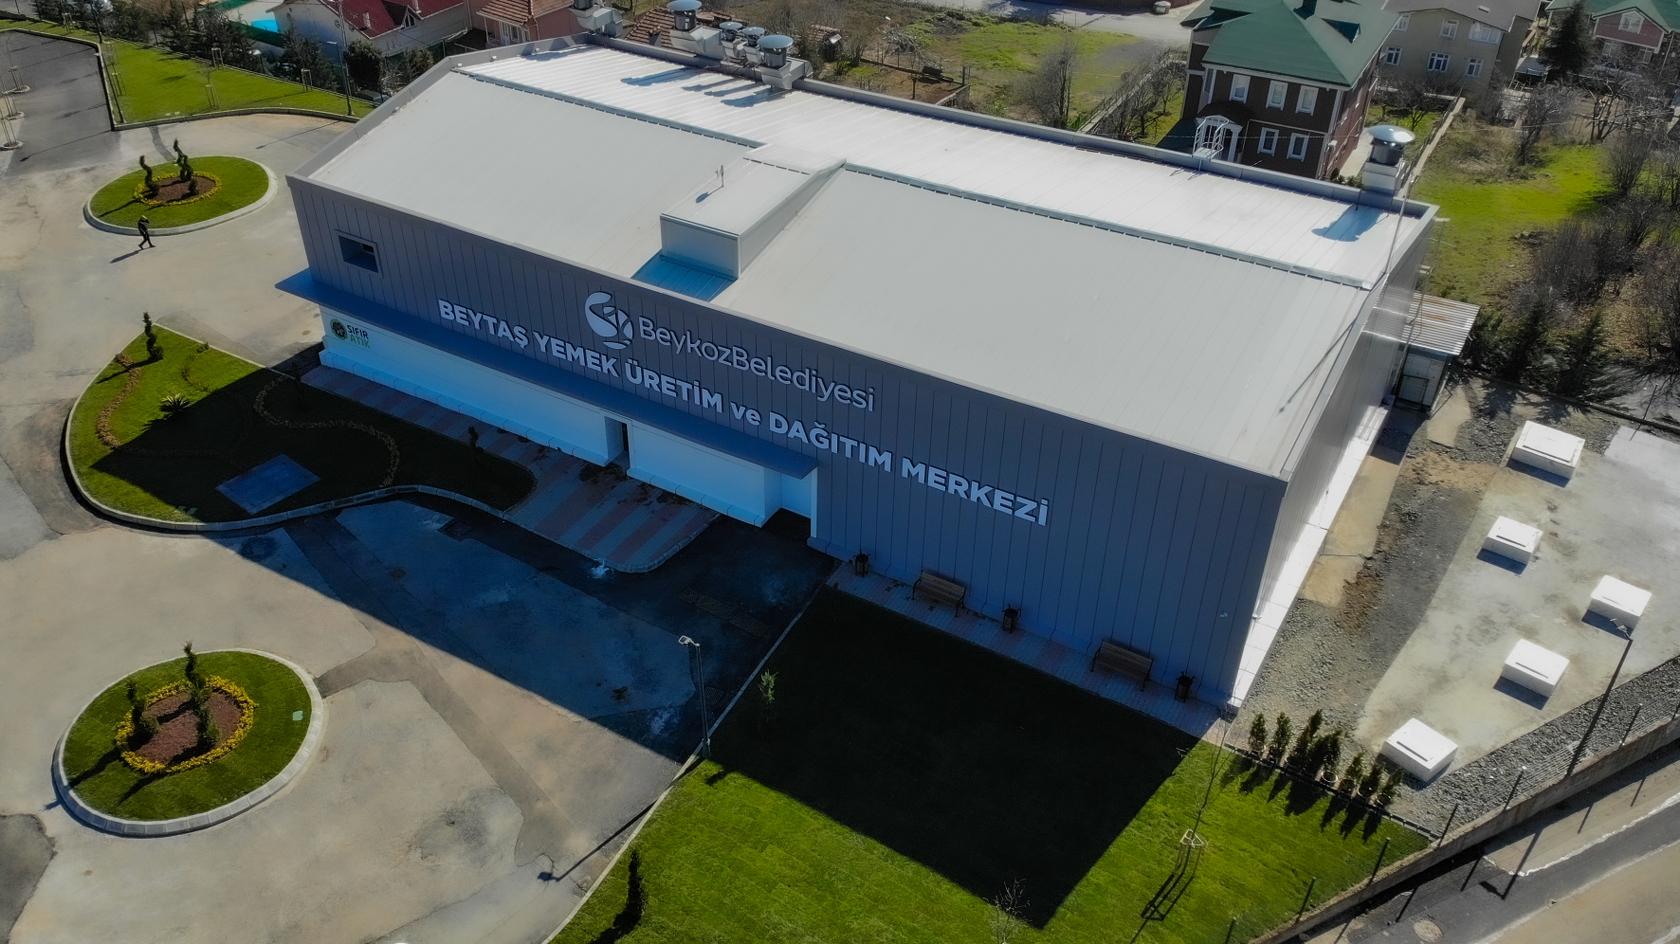 Beytaş Yemek Üretim Ve Dağıtım Merkezi'nde Lezzet Üretimi Başladı